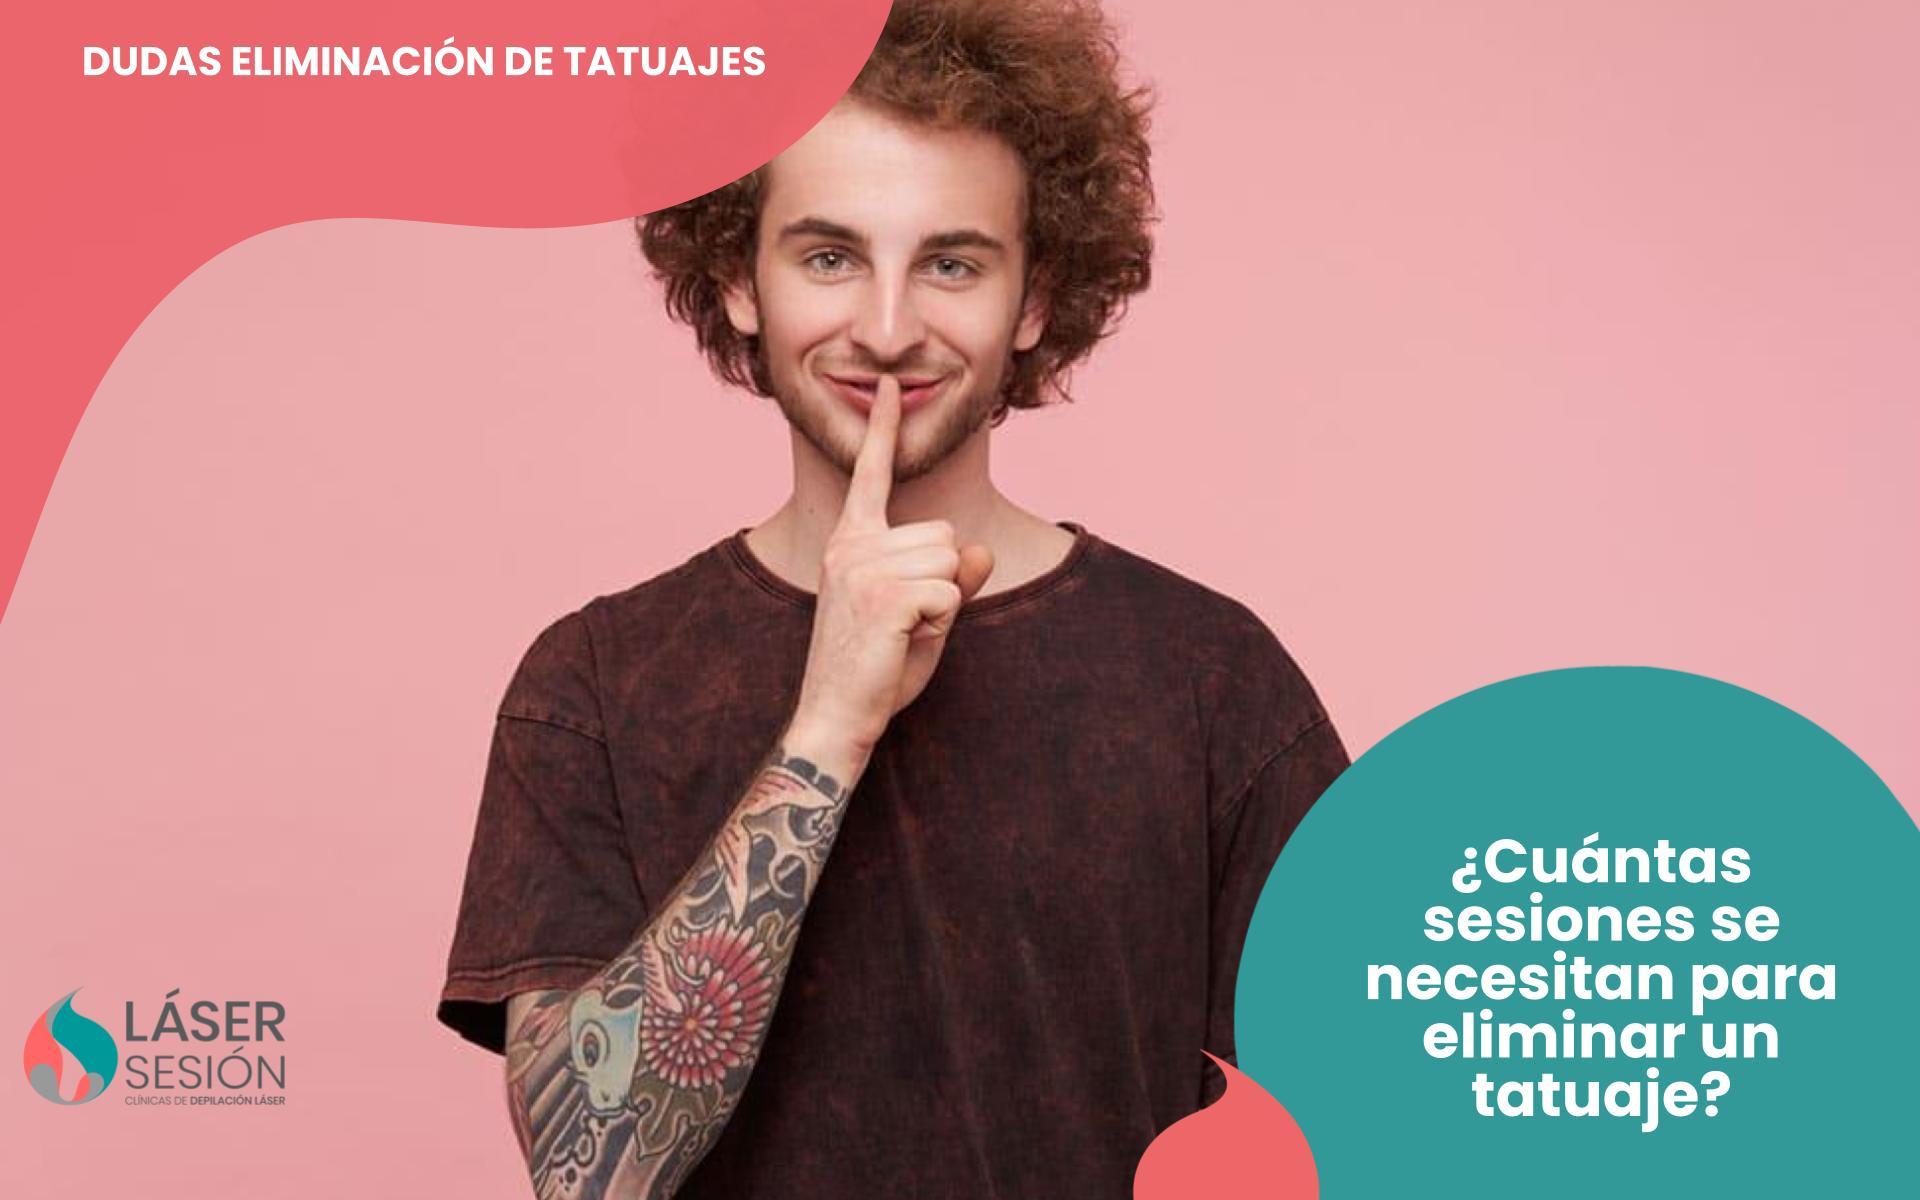 Cuántas sesiones se necesitan para eliminar un tatuaje